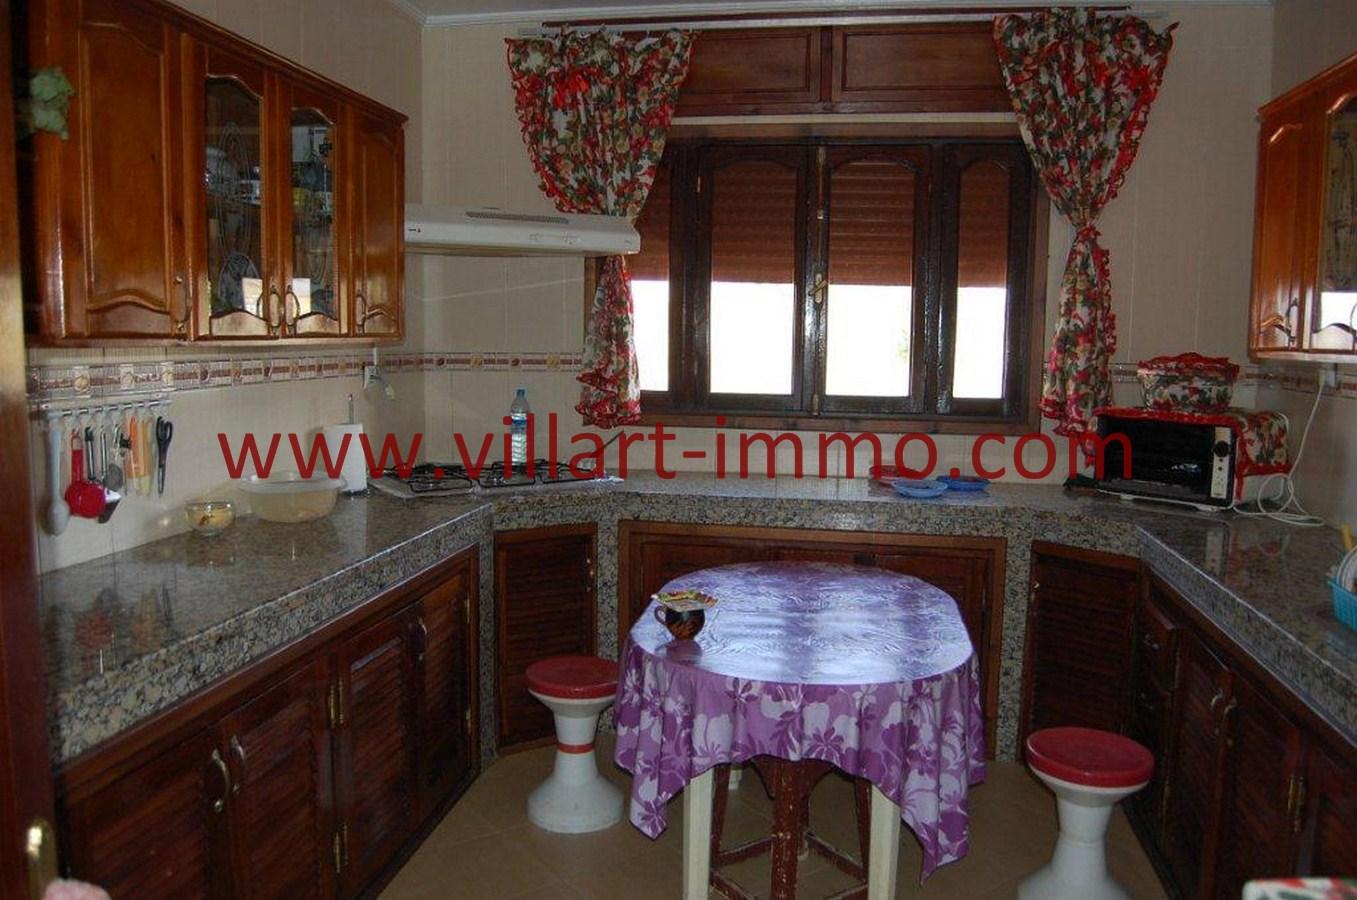 16-Vente-Villa-Tanger-Mojahidin-Cuisine-VV512-Villart Imm